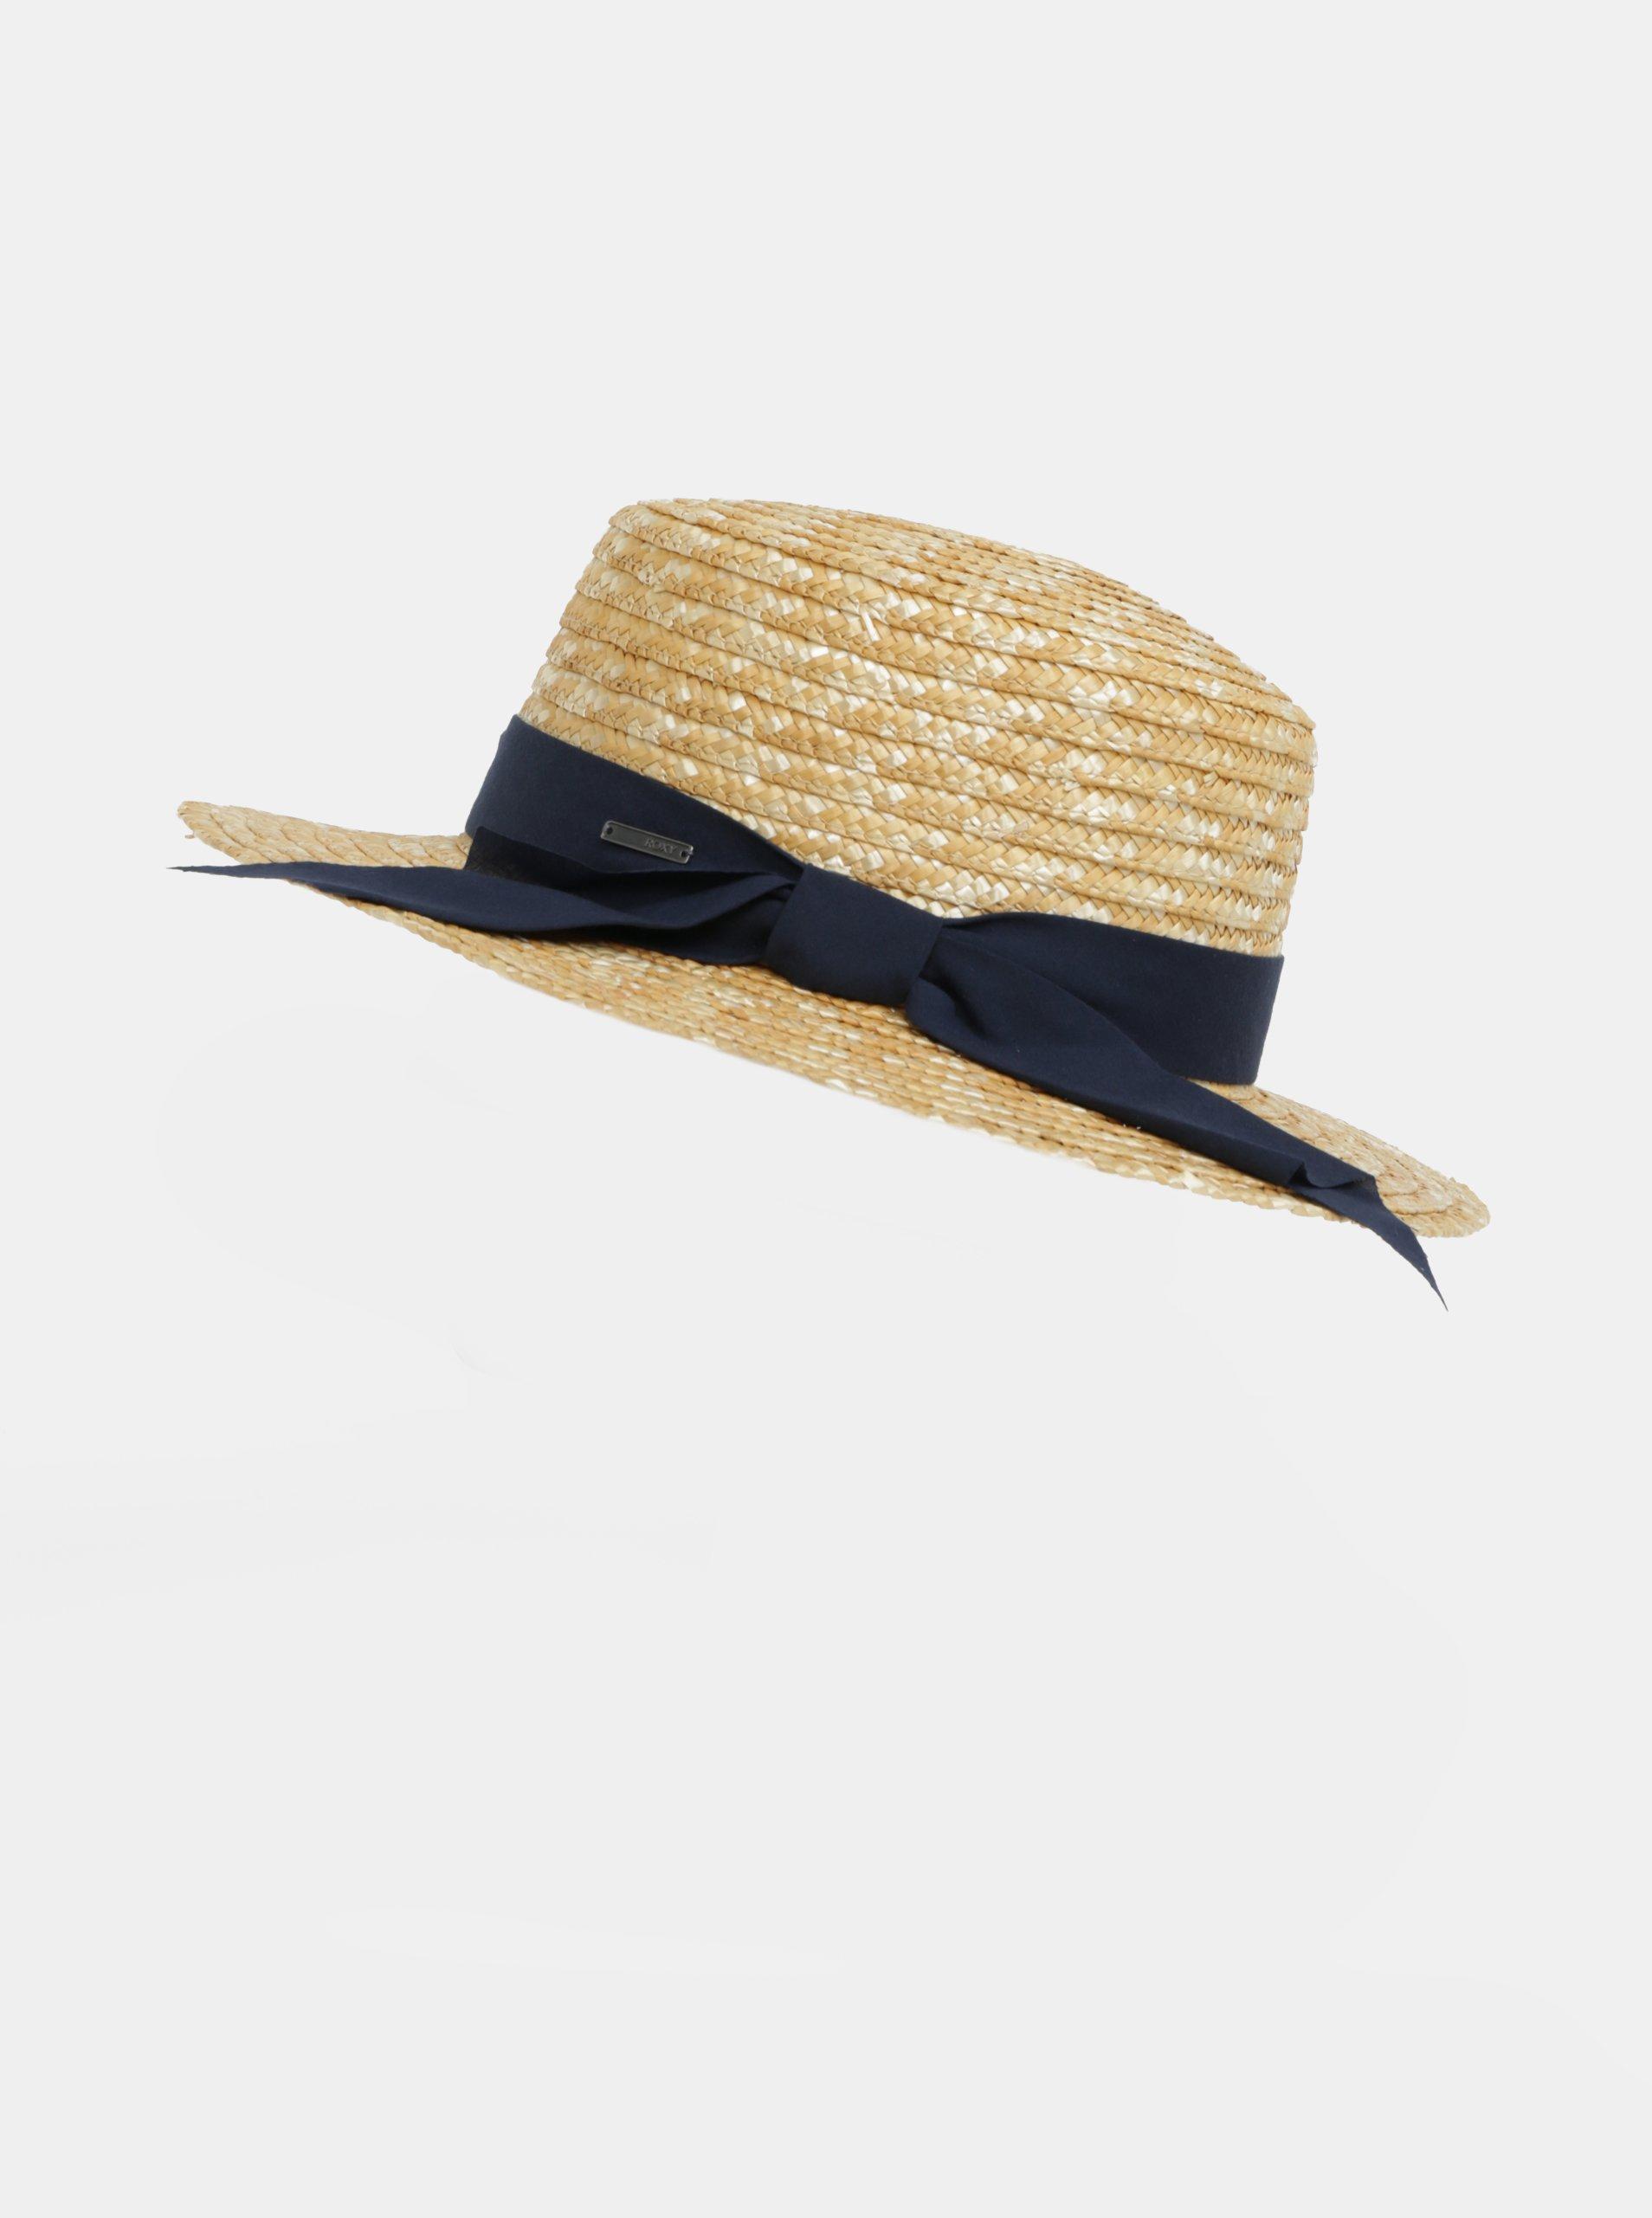 Fotografie Světle hnědý dámský klobouk s modrou stuhou Roxy Dre Like e0ef761c32